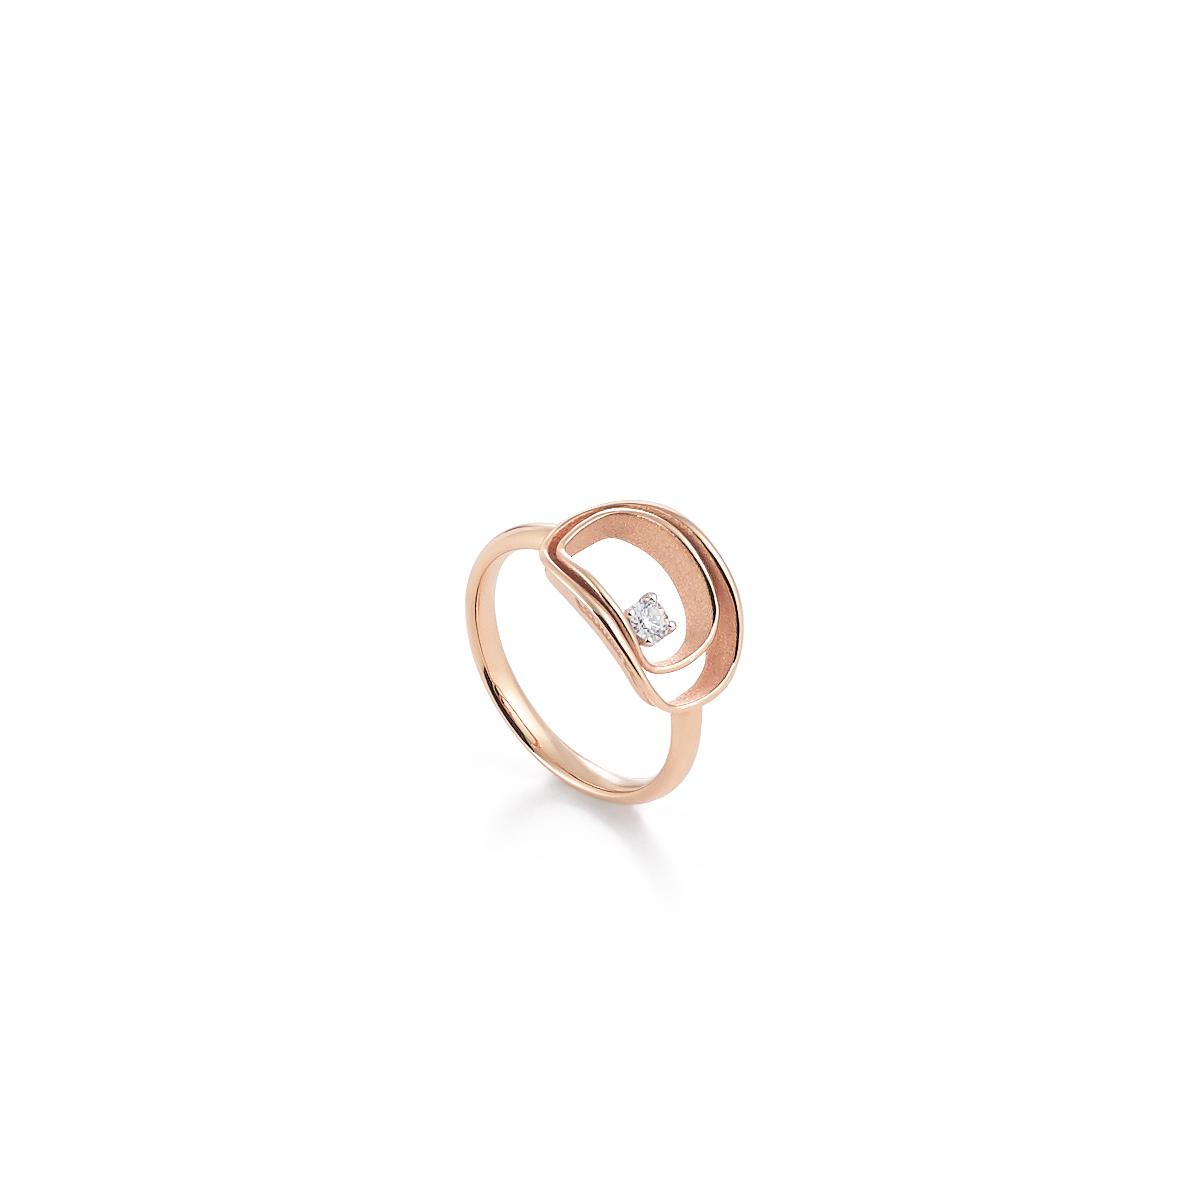 Annamaria Cammilli Dune Ring aus 18 Karat Pink Champagne Gold mit Brillanten